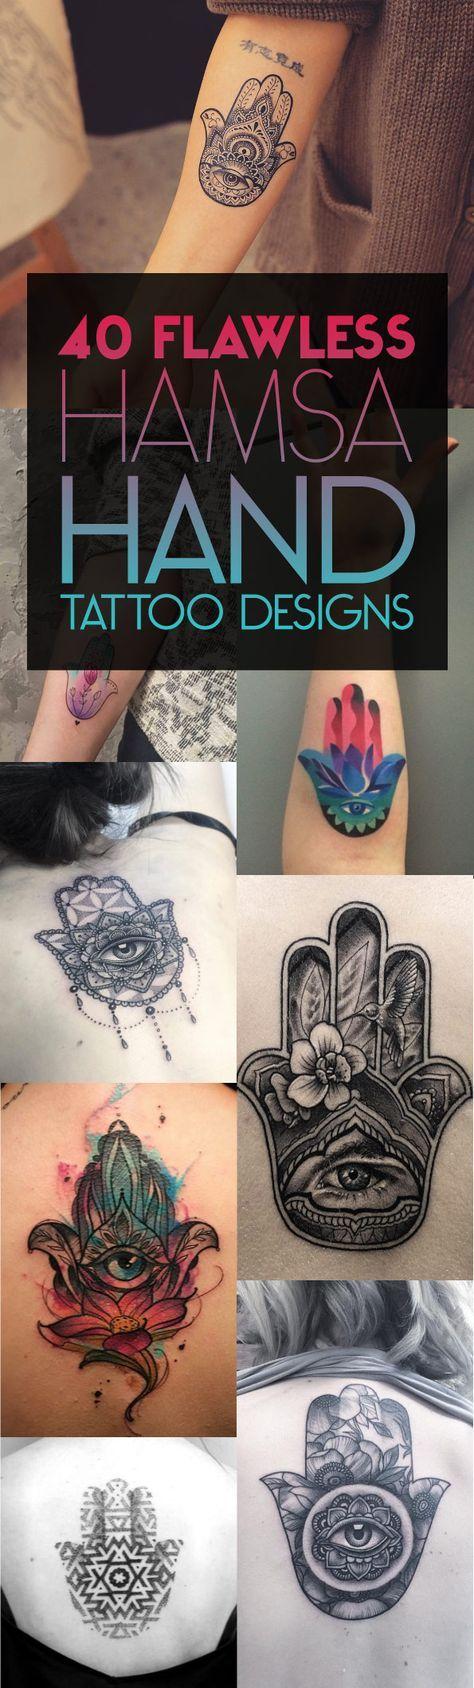 40 Flawless Hamsa Hand Tattoo Designs